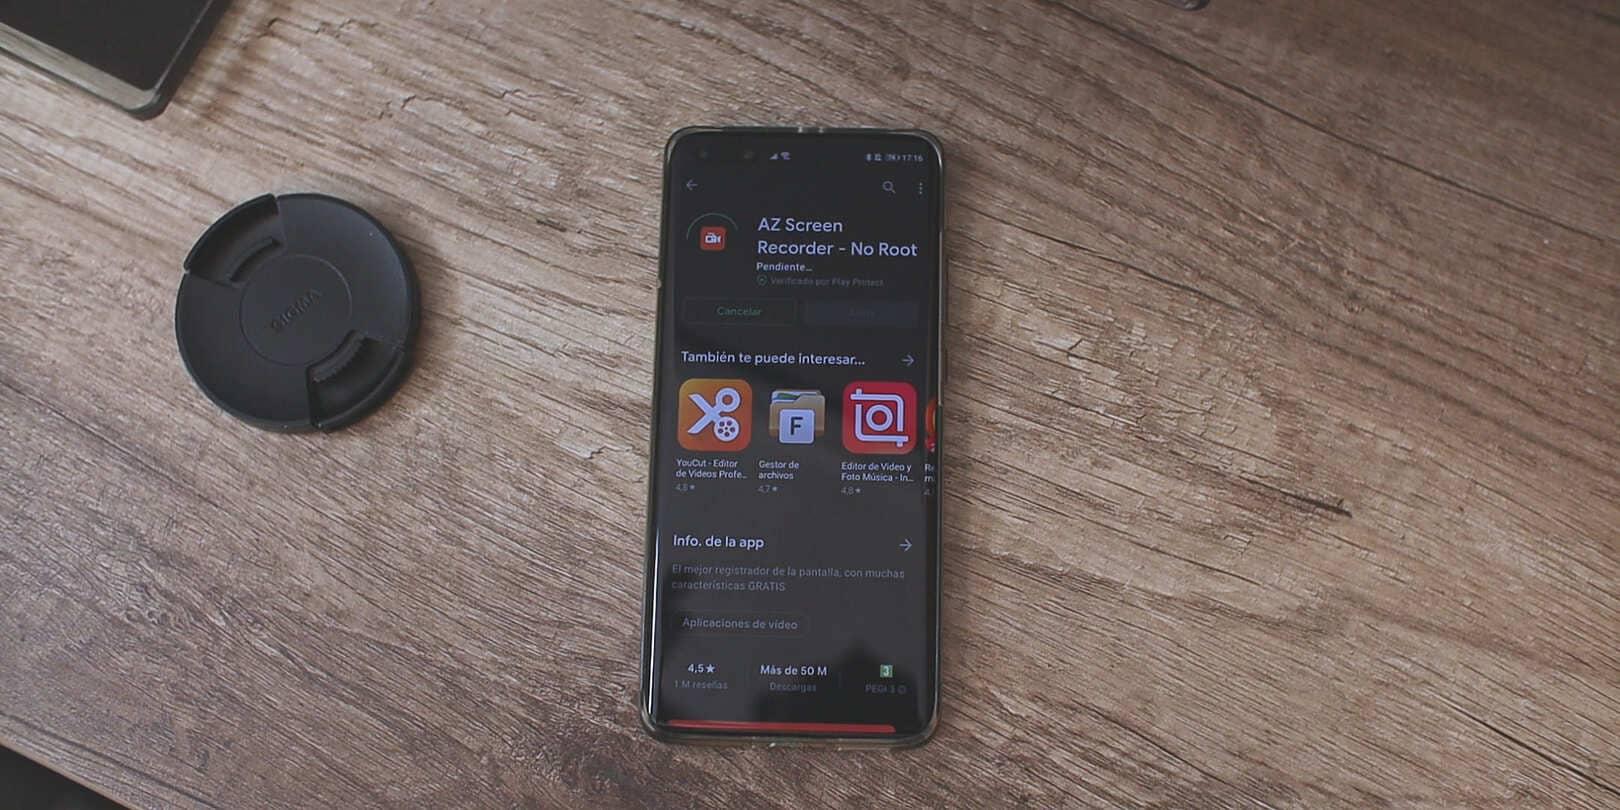 Descargar-AZ-Screen-Recorder-No-Root-Google-Play